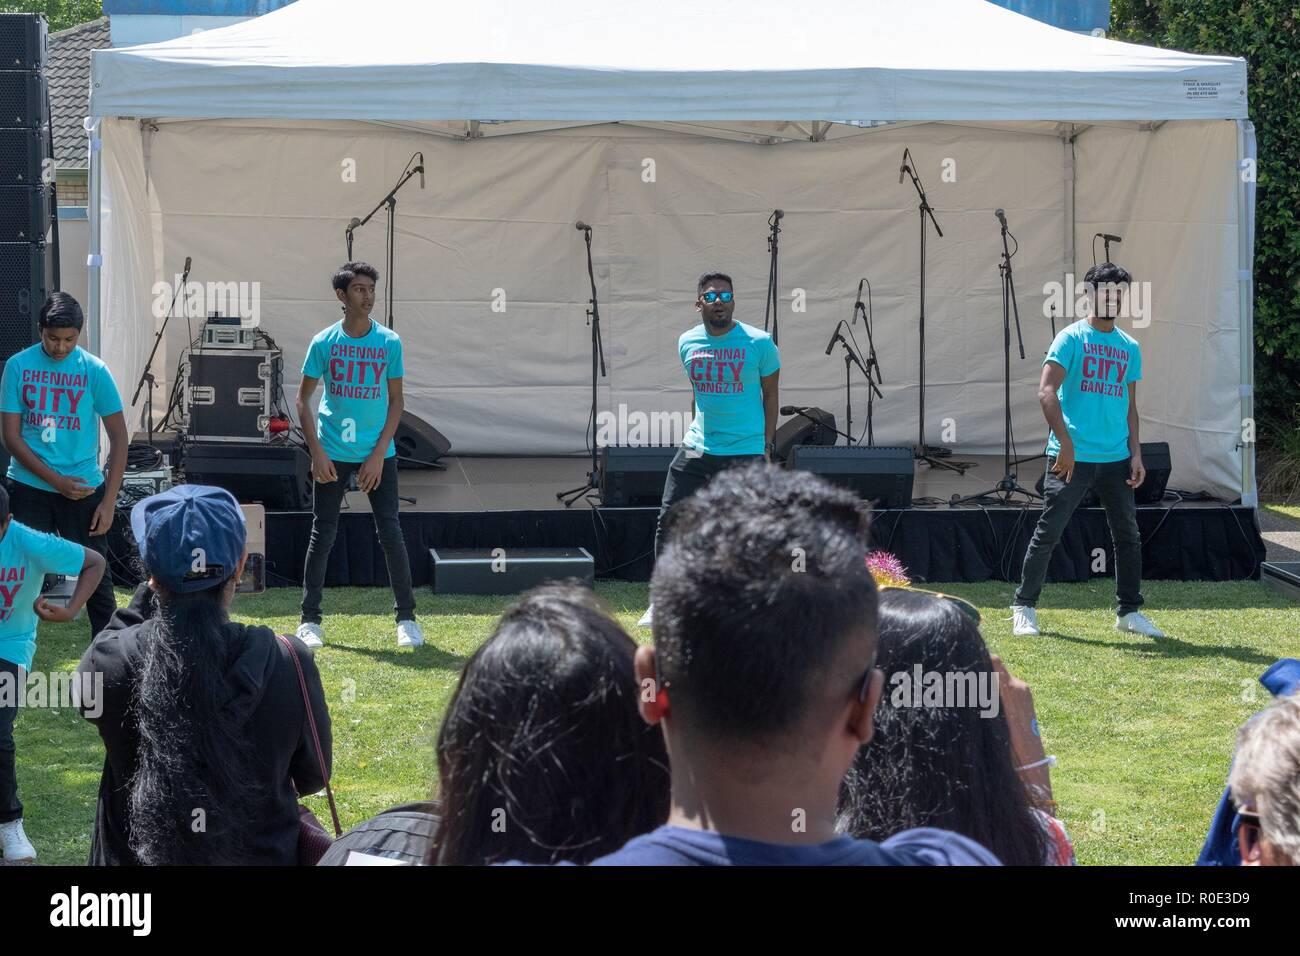 Auckland Nuova Zelanda 27 Ottobre 2018 - i giovani danzatori indiani stanno facendo il loro routine presso il Sandringham Street Festival Immagini Stock